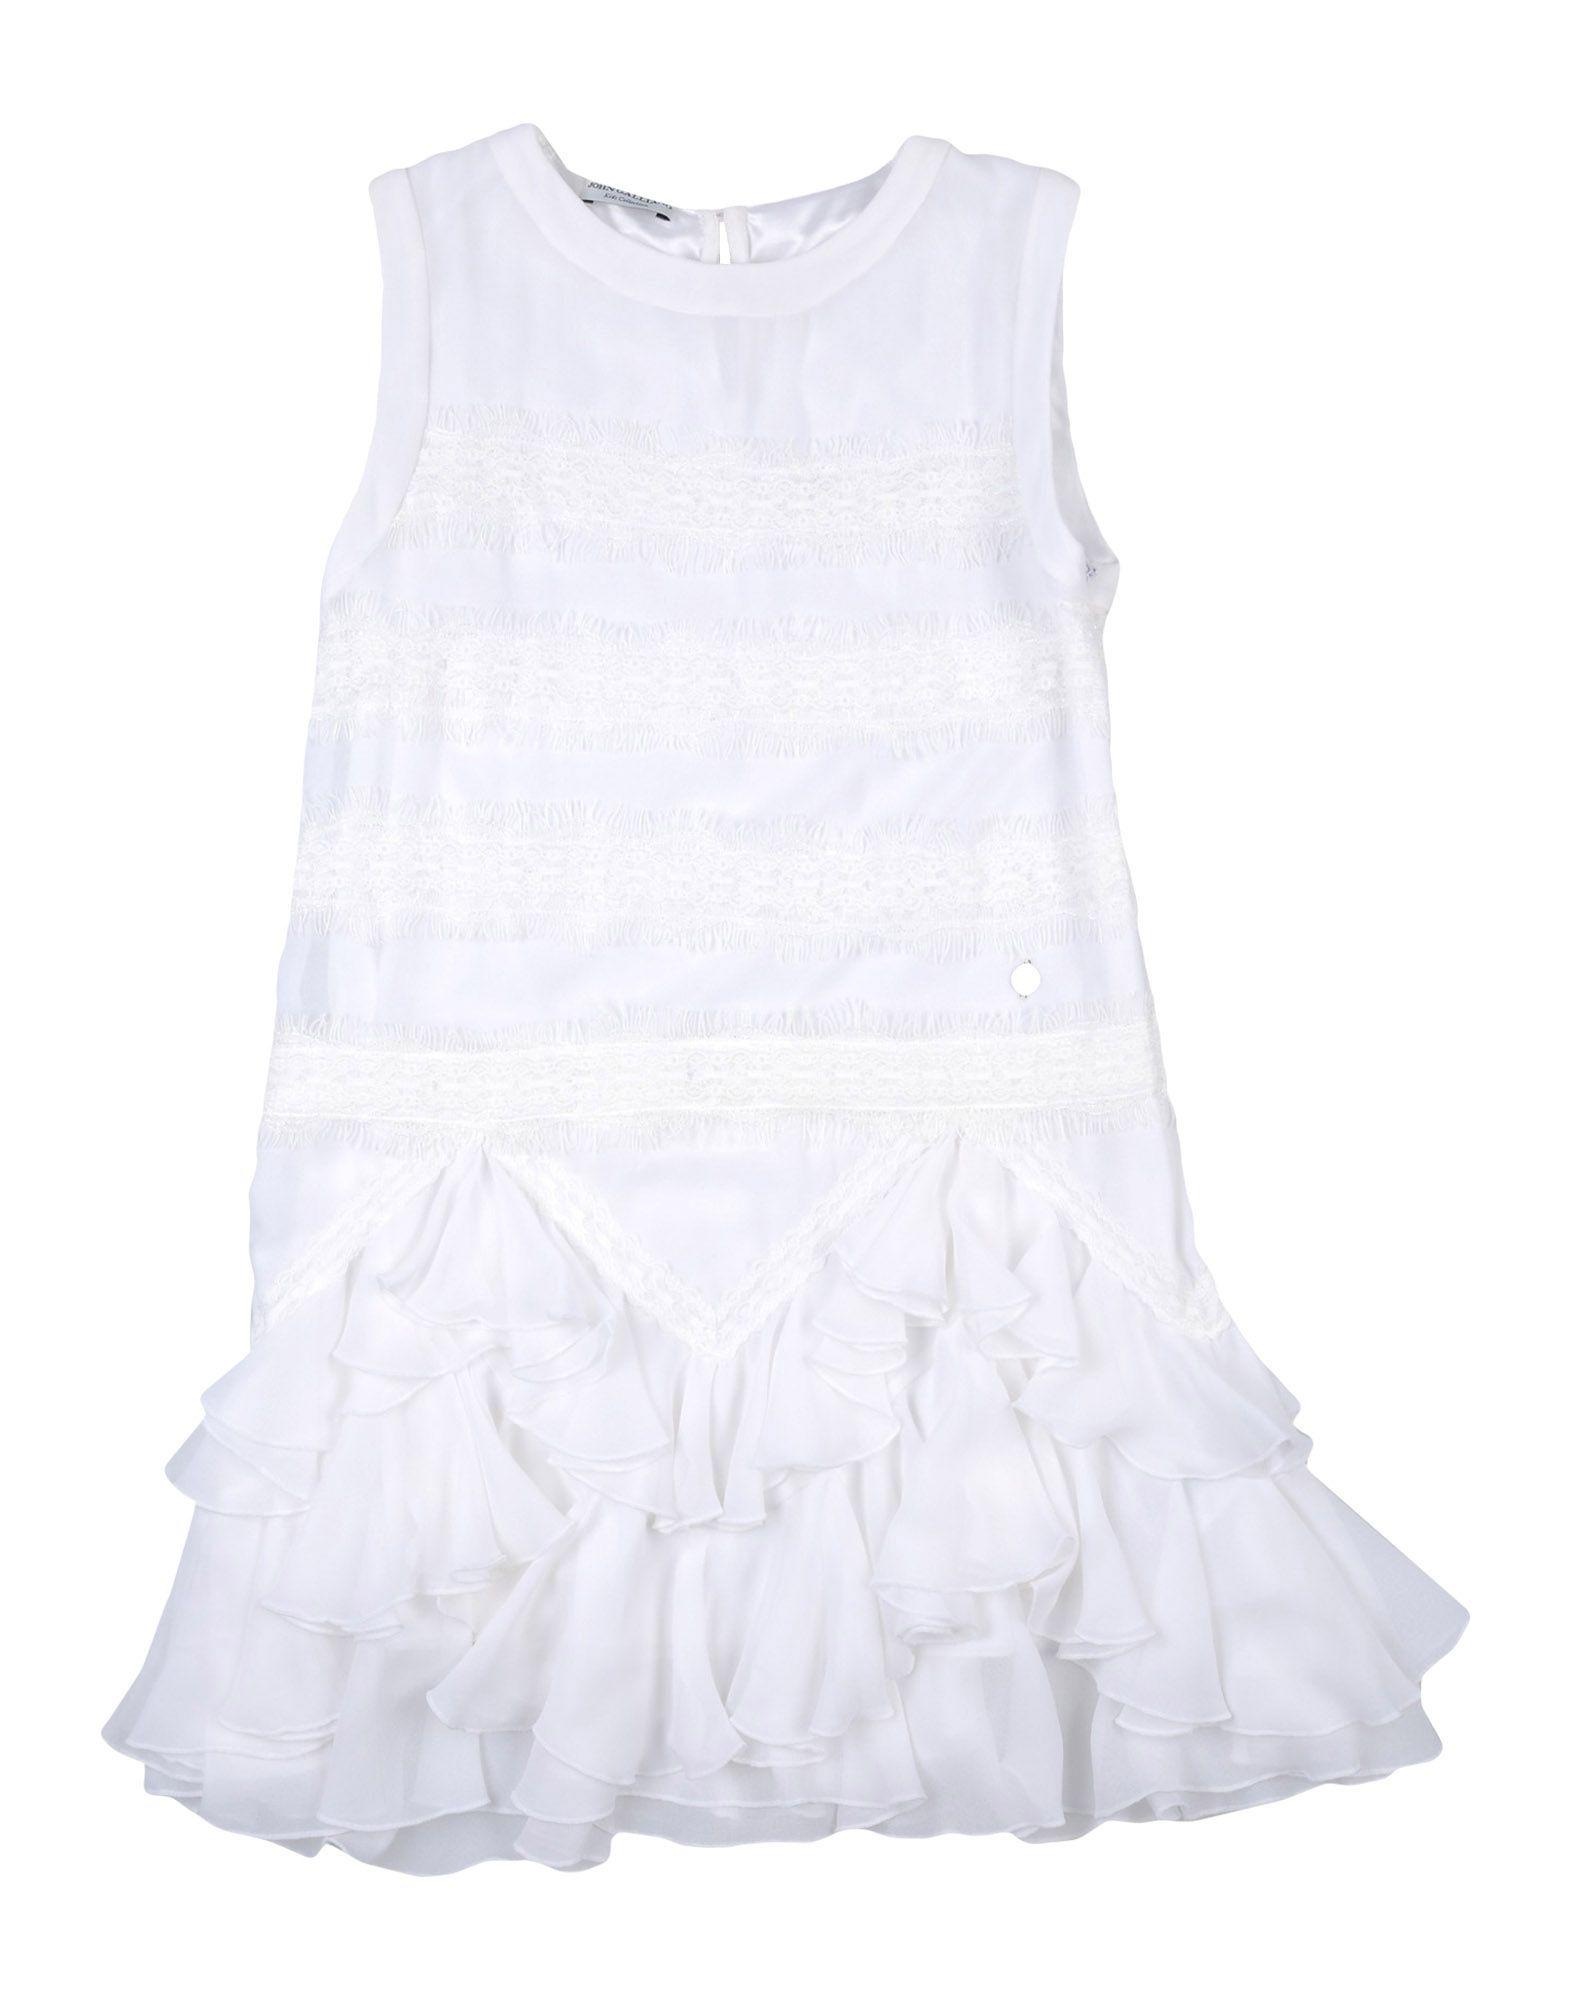 JOHN GALLIANO KIDS Платье john galliano kids 325816